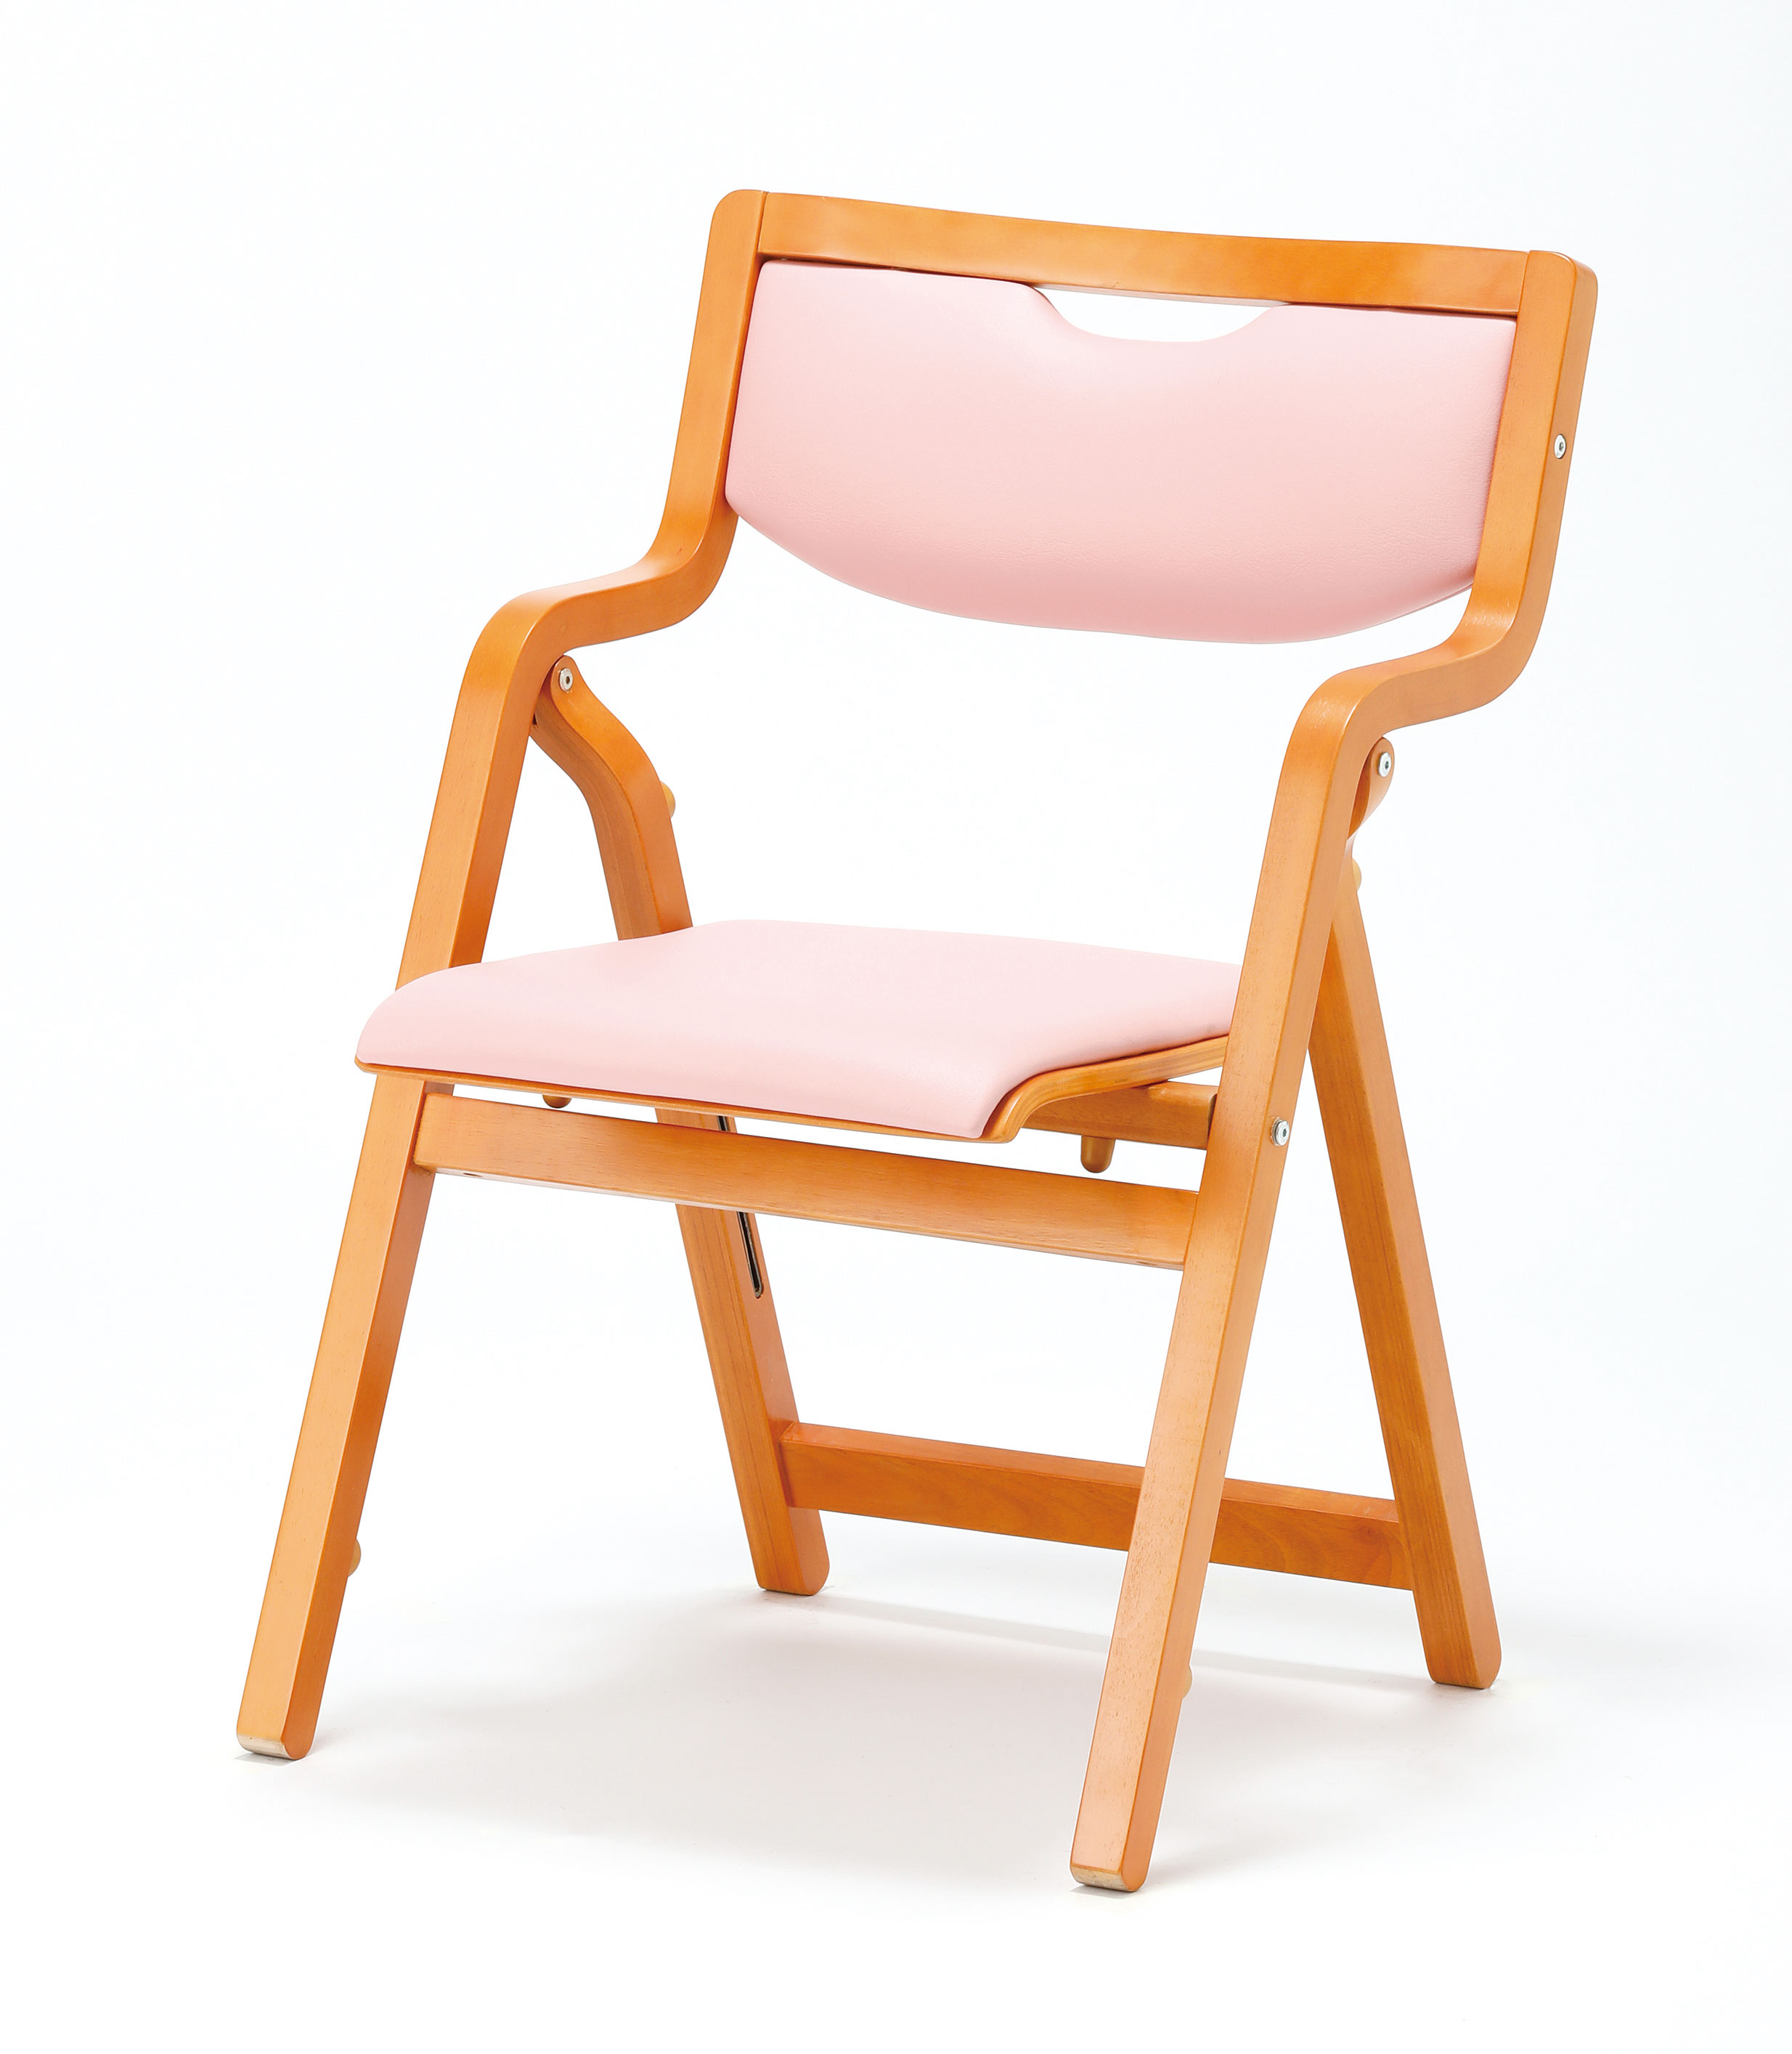 【2脚セット】折り畳み椅子 スタッキングタイプ(角背)【ビニールレザー張り】【MW-300-VG1-2SET】